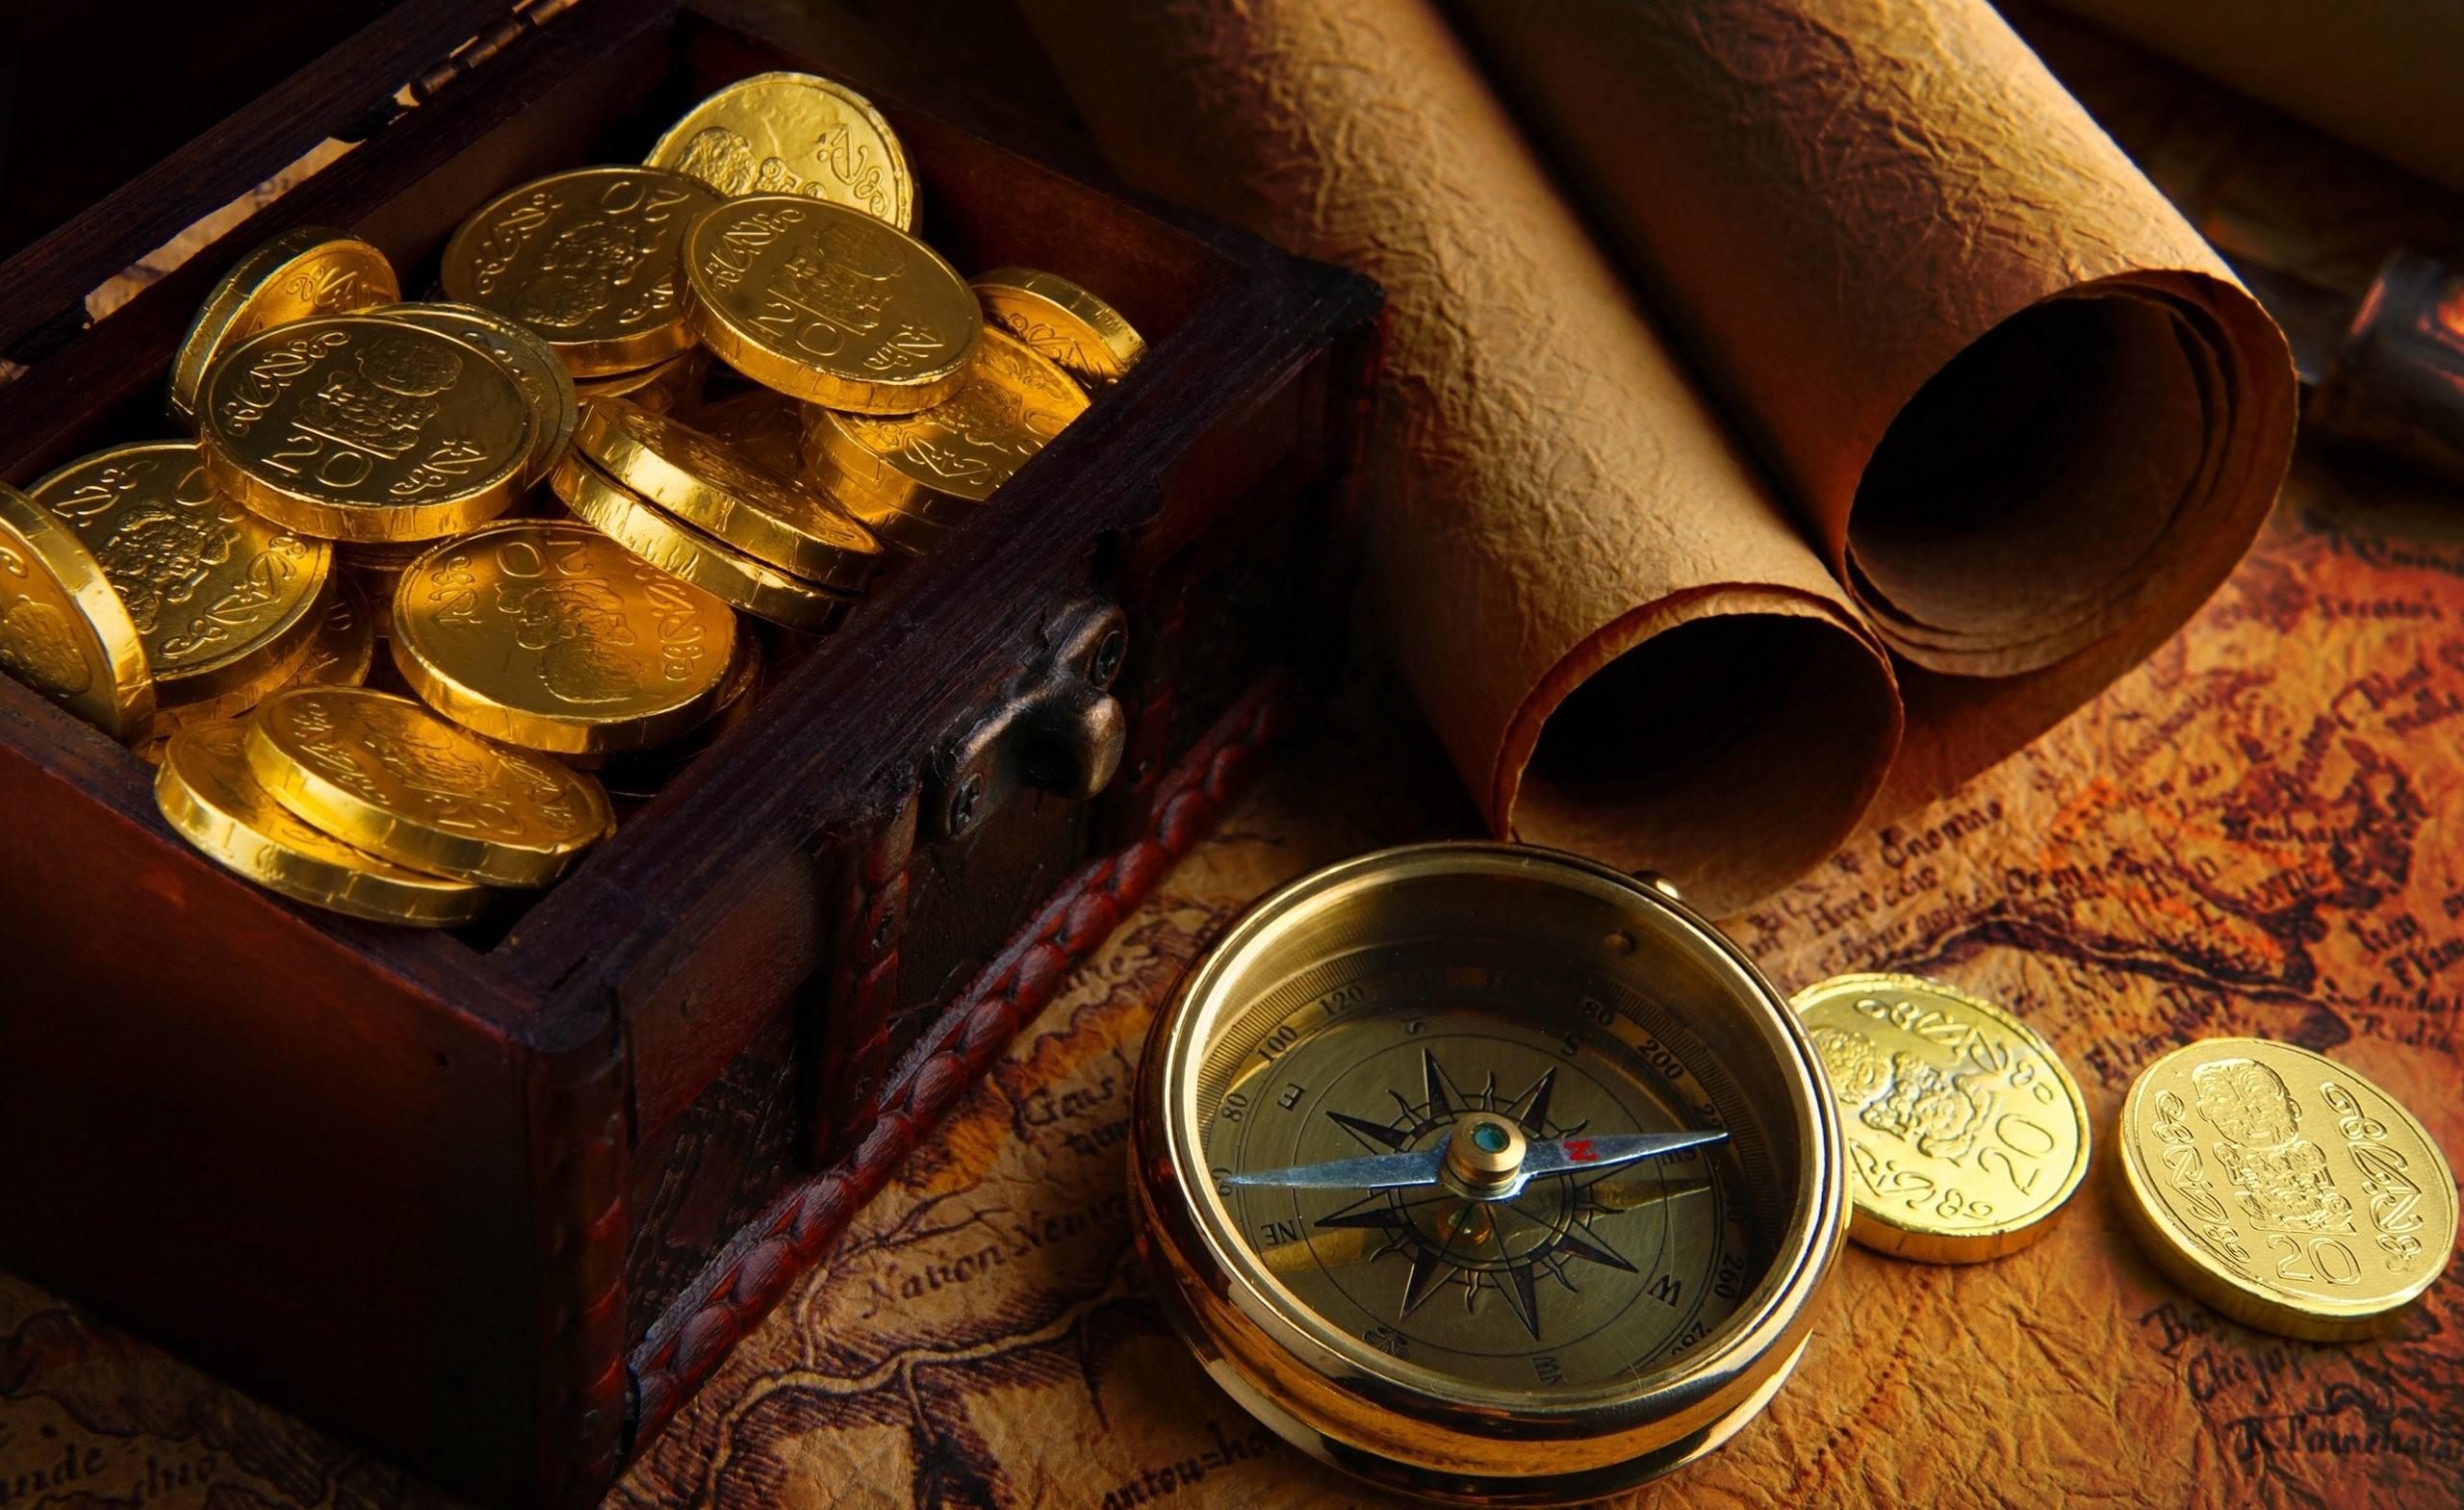 La busqueda del tesoro de Aranjuez